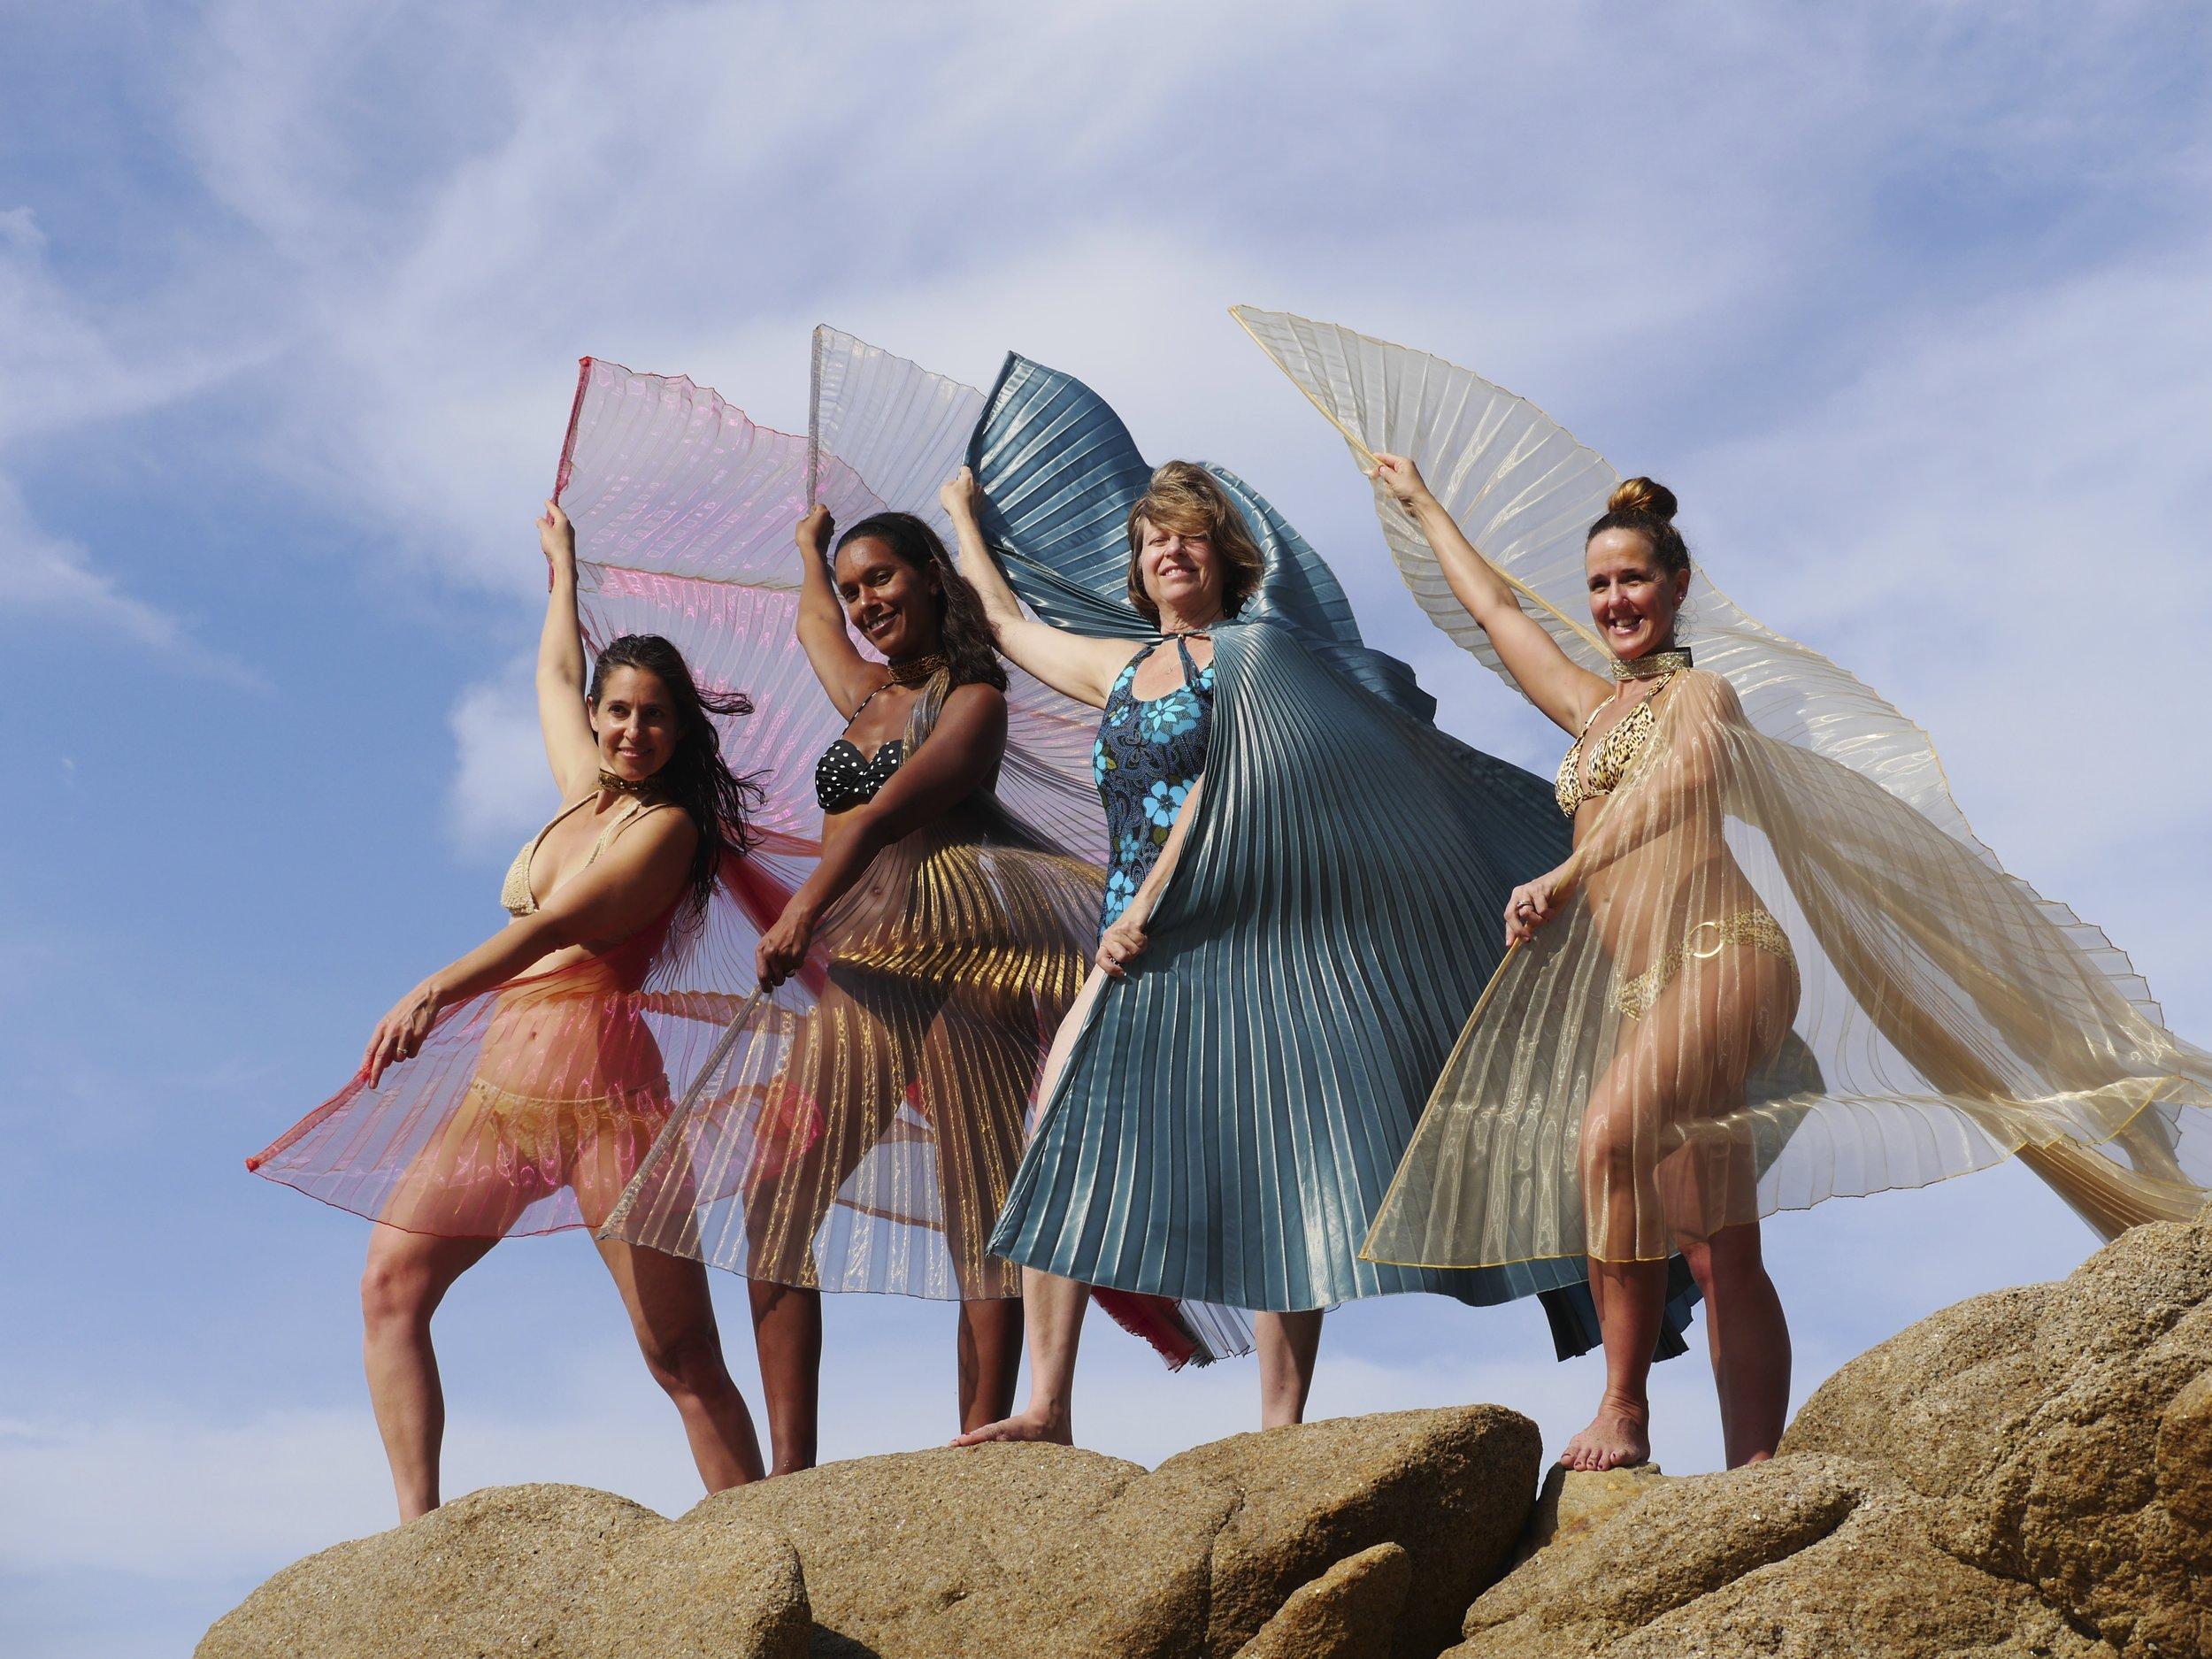 Winged Goddesses